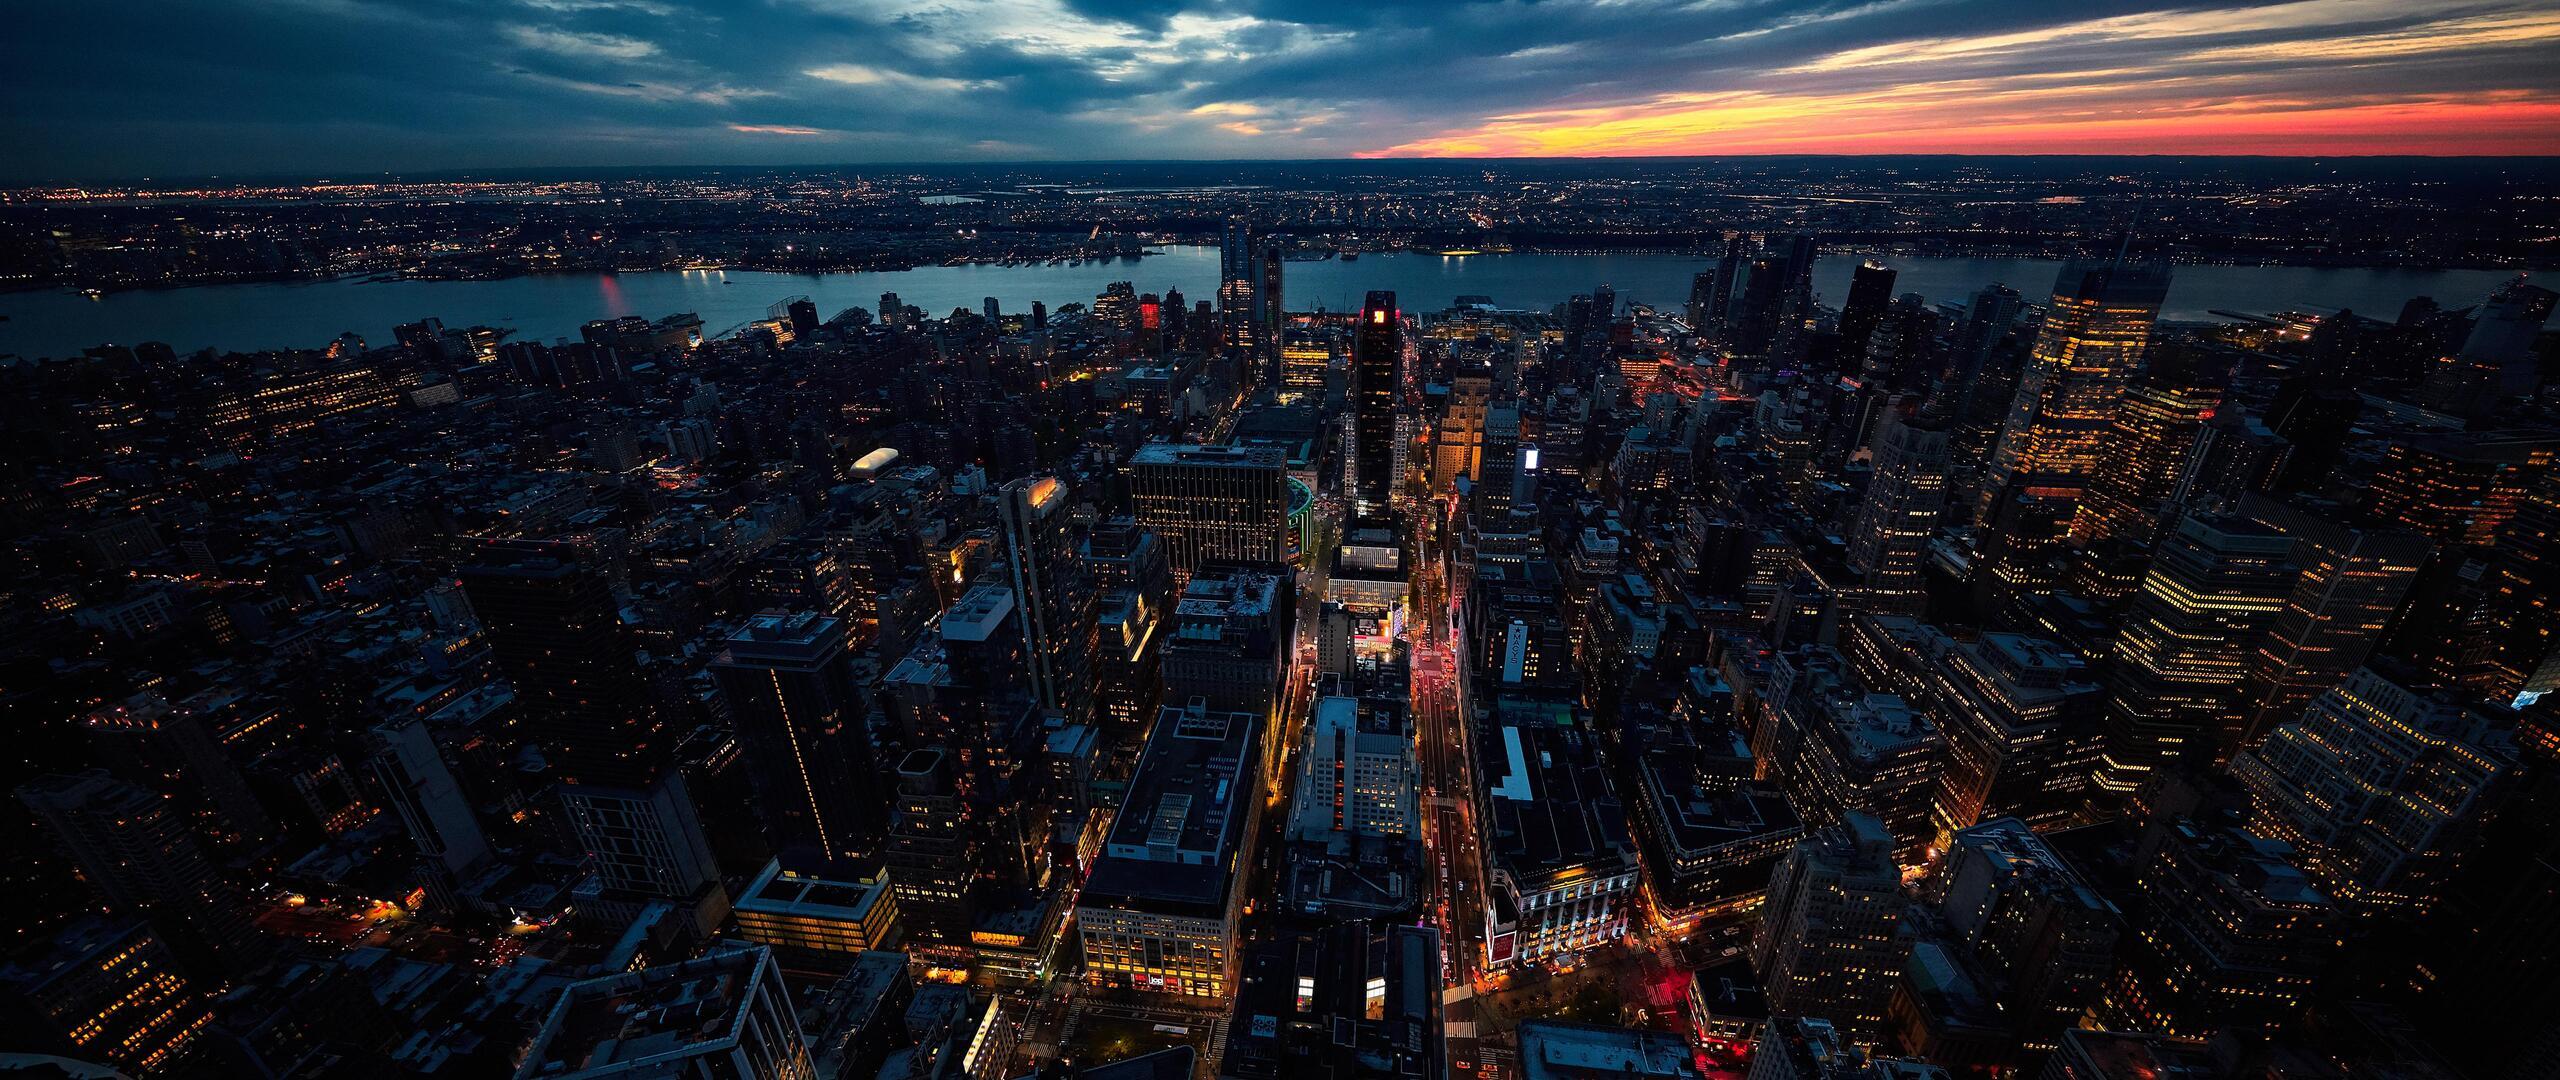 buildings-city-sunset-5k-wb.jpg